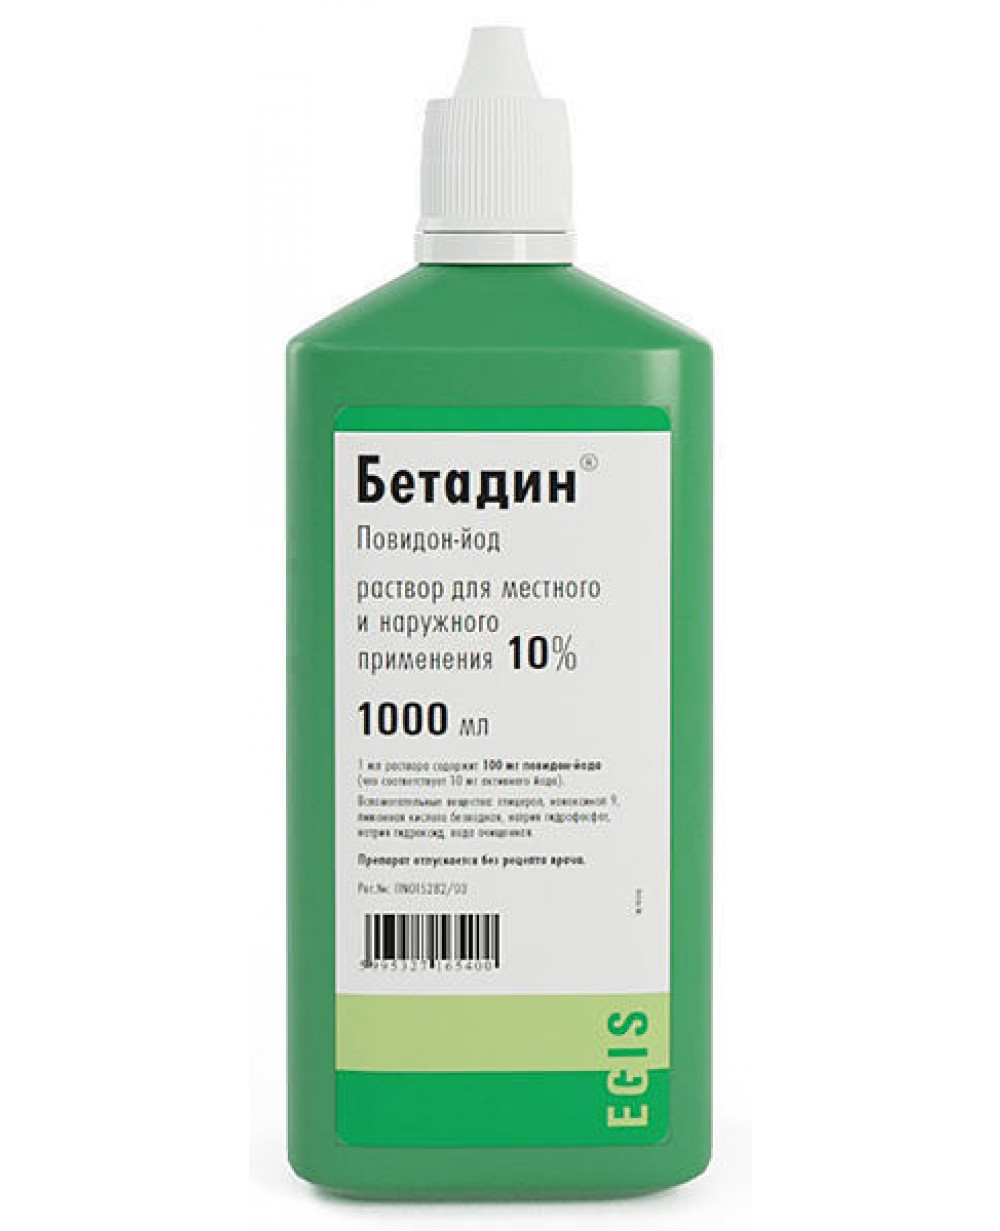 3117 БЕТАДИН® - Povidone-iodine